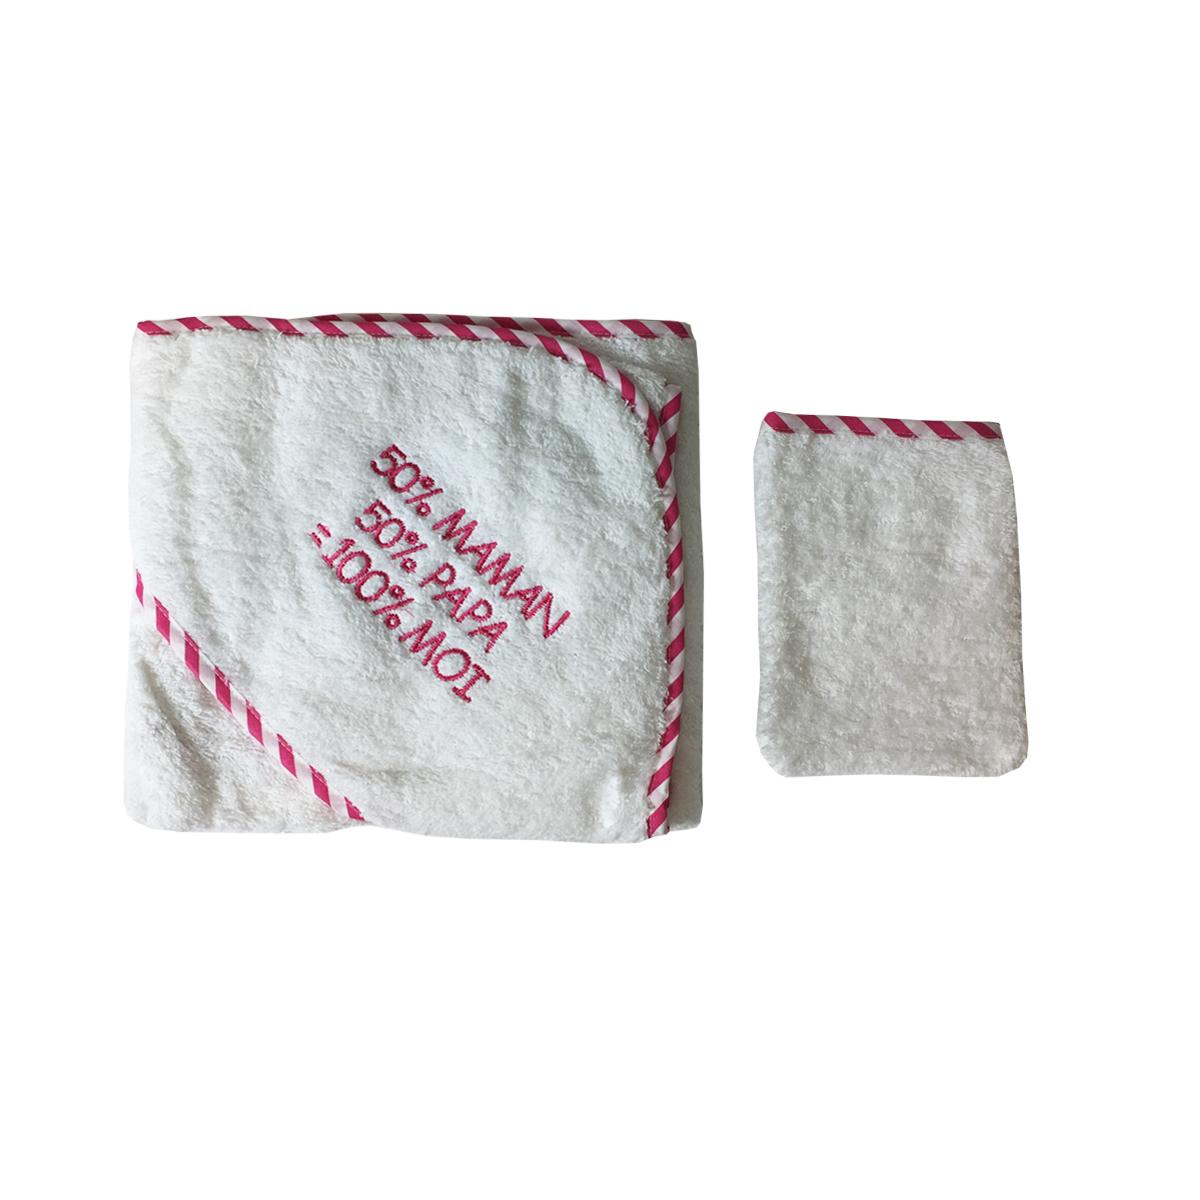 parure de bain pour b b blanc et fushia maman papa moi le bain parure de bain tendresse. Black Bedroom Furniture Sets. Home Design Ideas